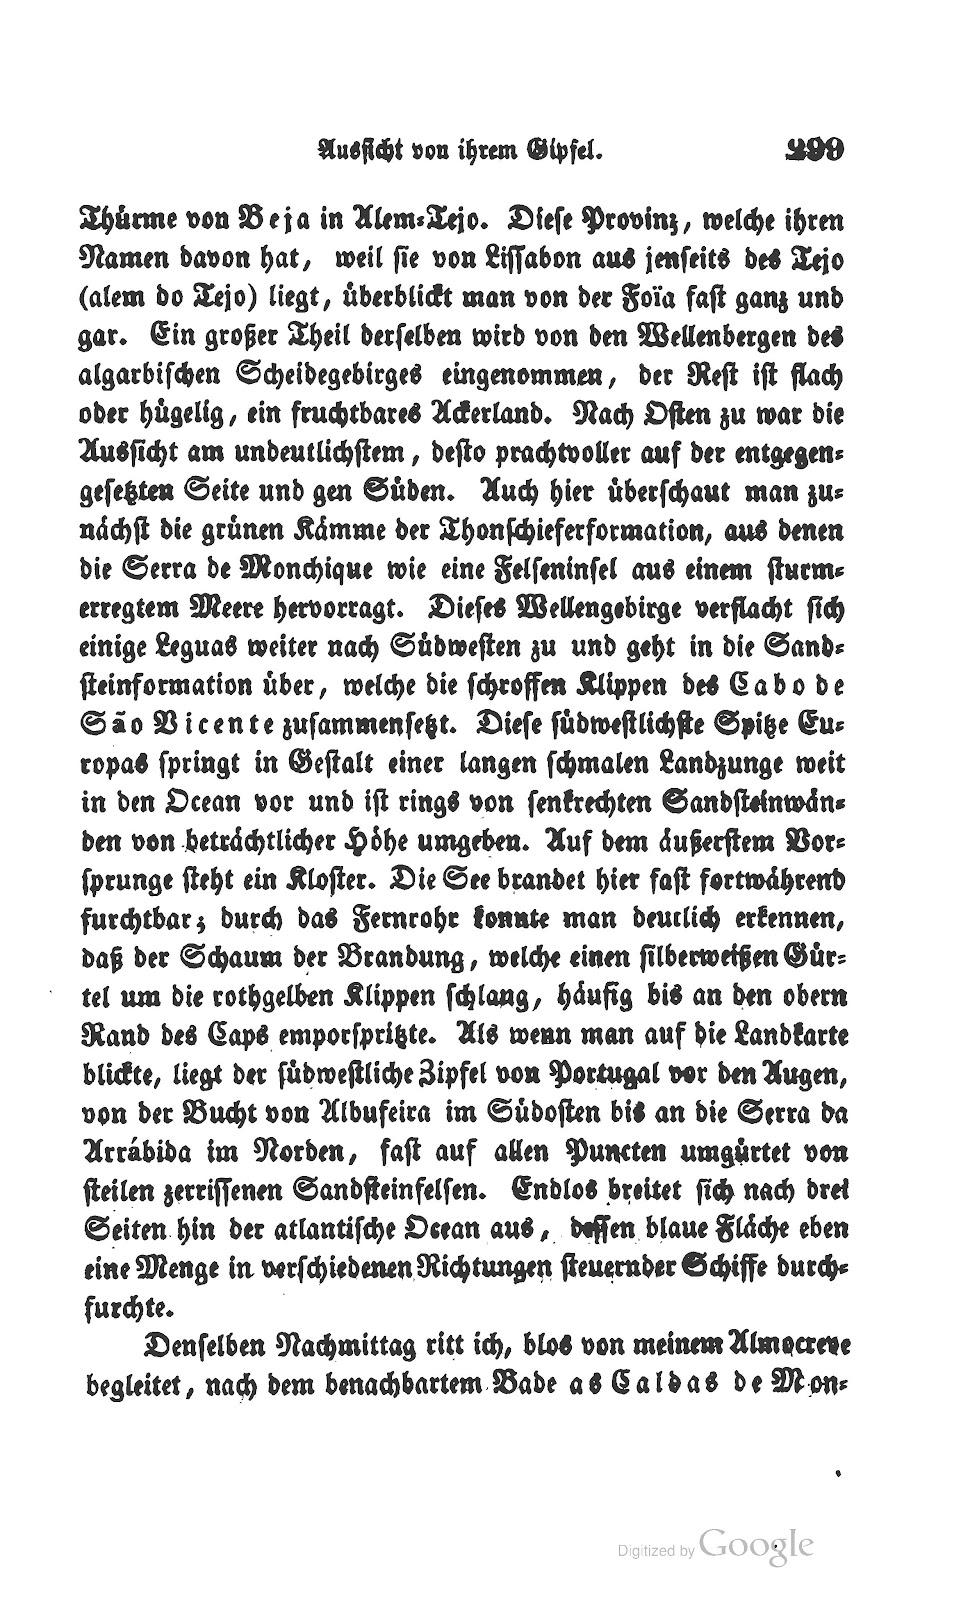 WIllkomm - 10. Kapitel Pages from Zwei_Jahre_in_Spanien_und_Portugal(3)_Page_41.jpg